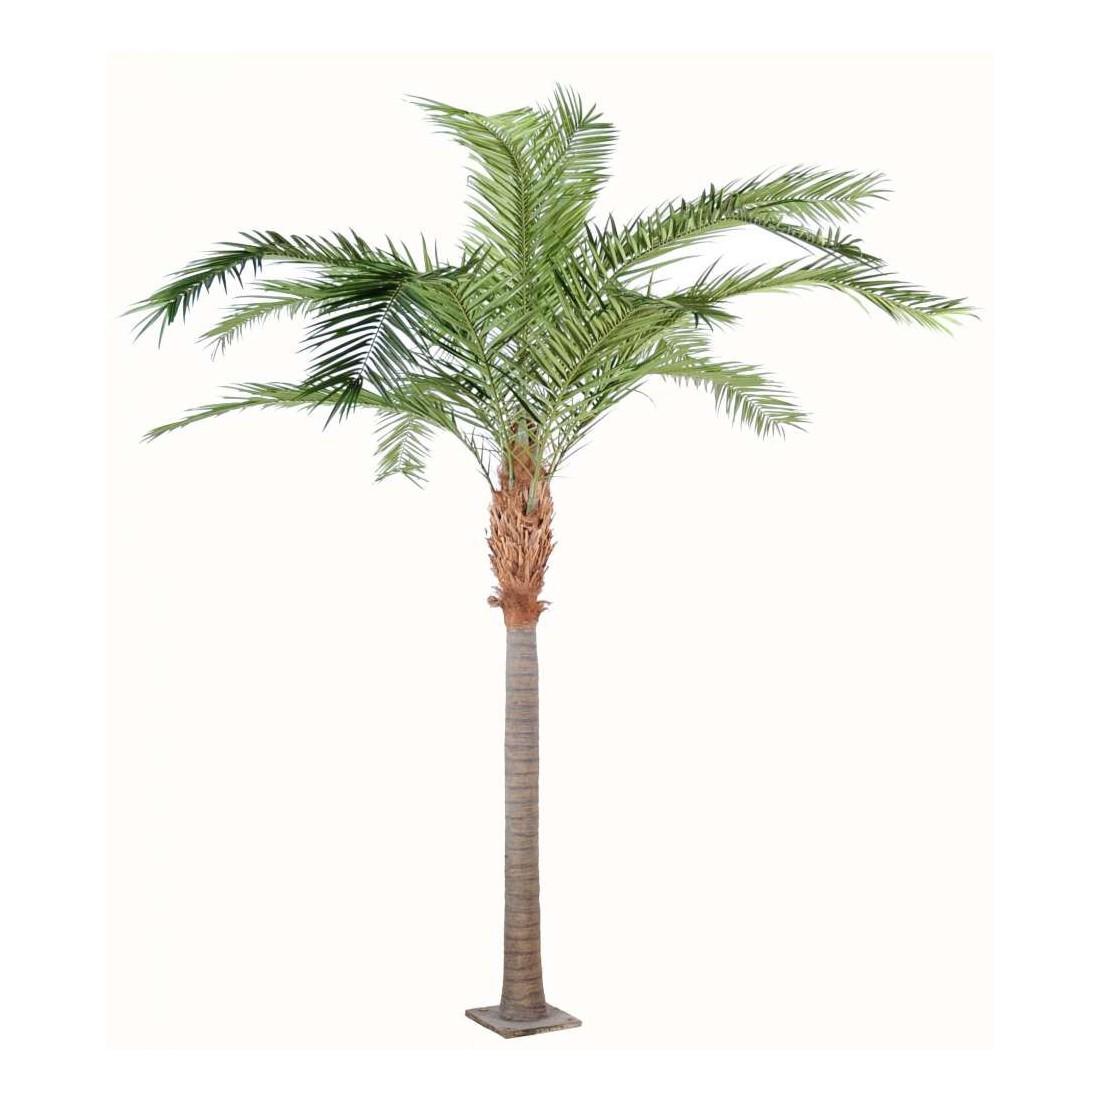 Palmier phoenix artificiel canariensis 350 et 420 cm for Palmier plastique ikea